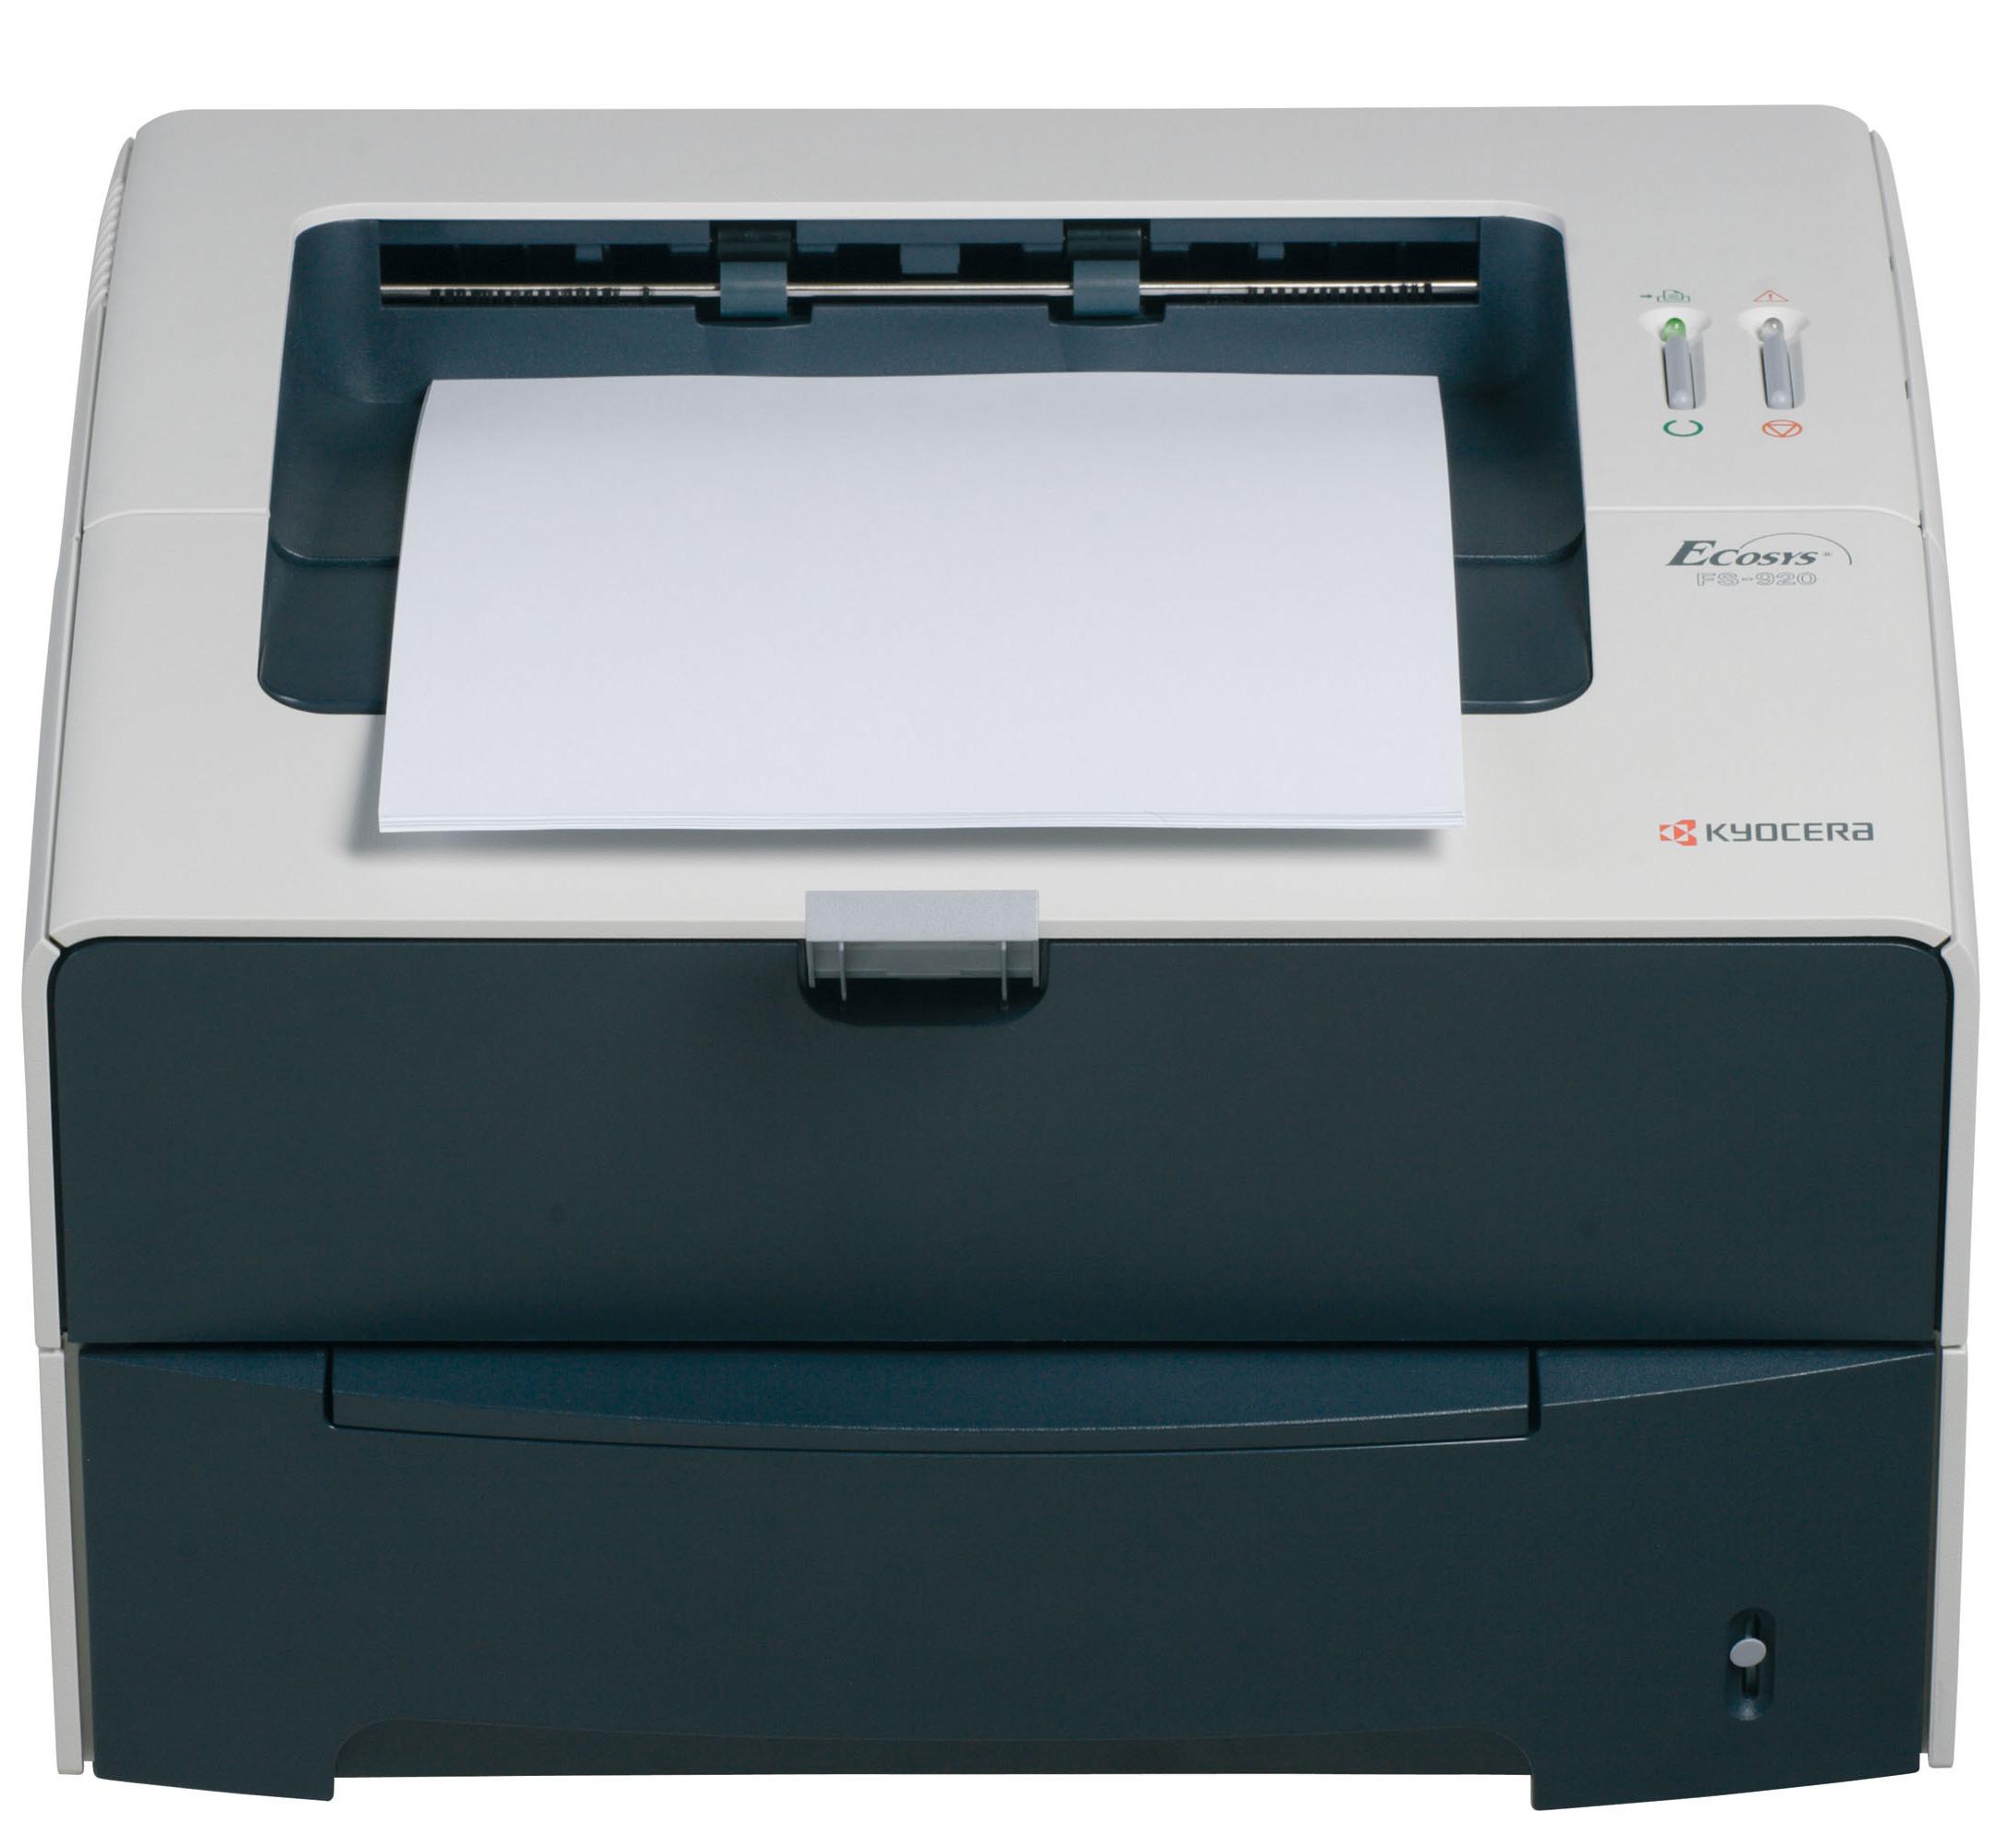 Kyocera FS 920